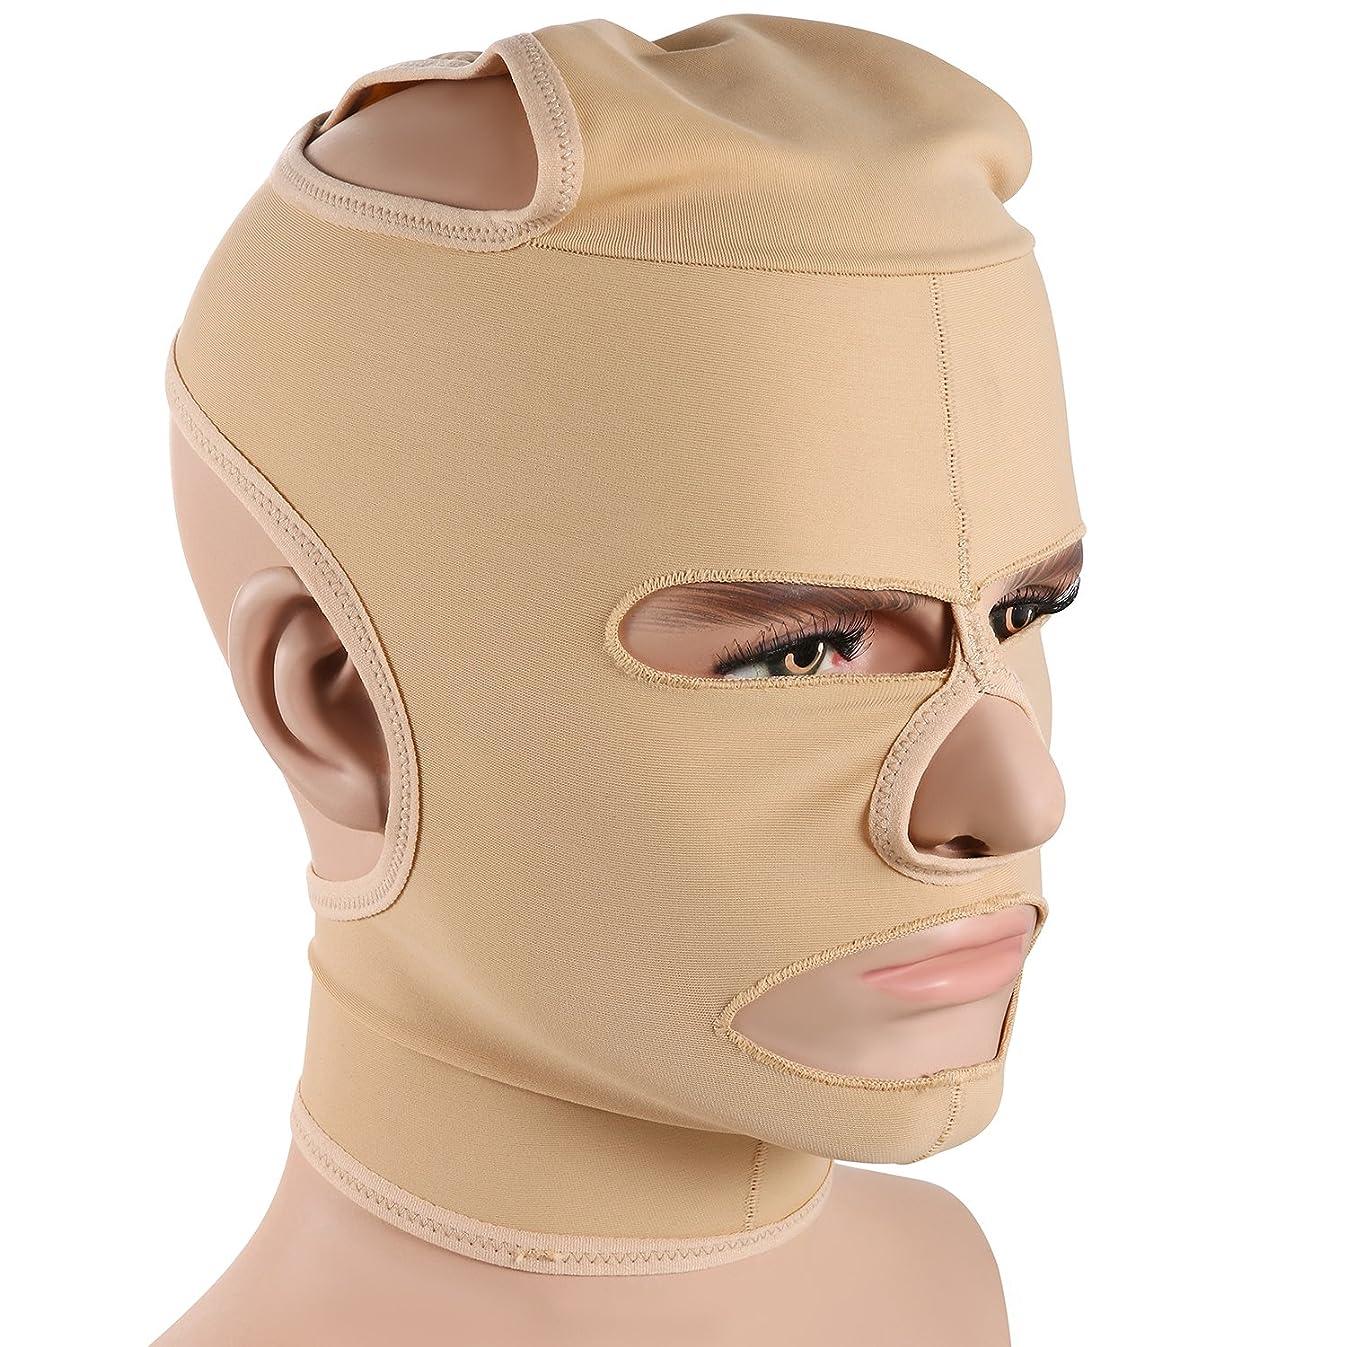 一晩面六JewelryWe 小顔補正マスク 小顔ベルト 法令線予防 シワ防止 美顔 額、顎下、頬リフトアップ 男女兼用 Mサイズ